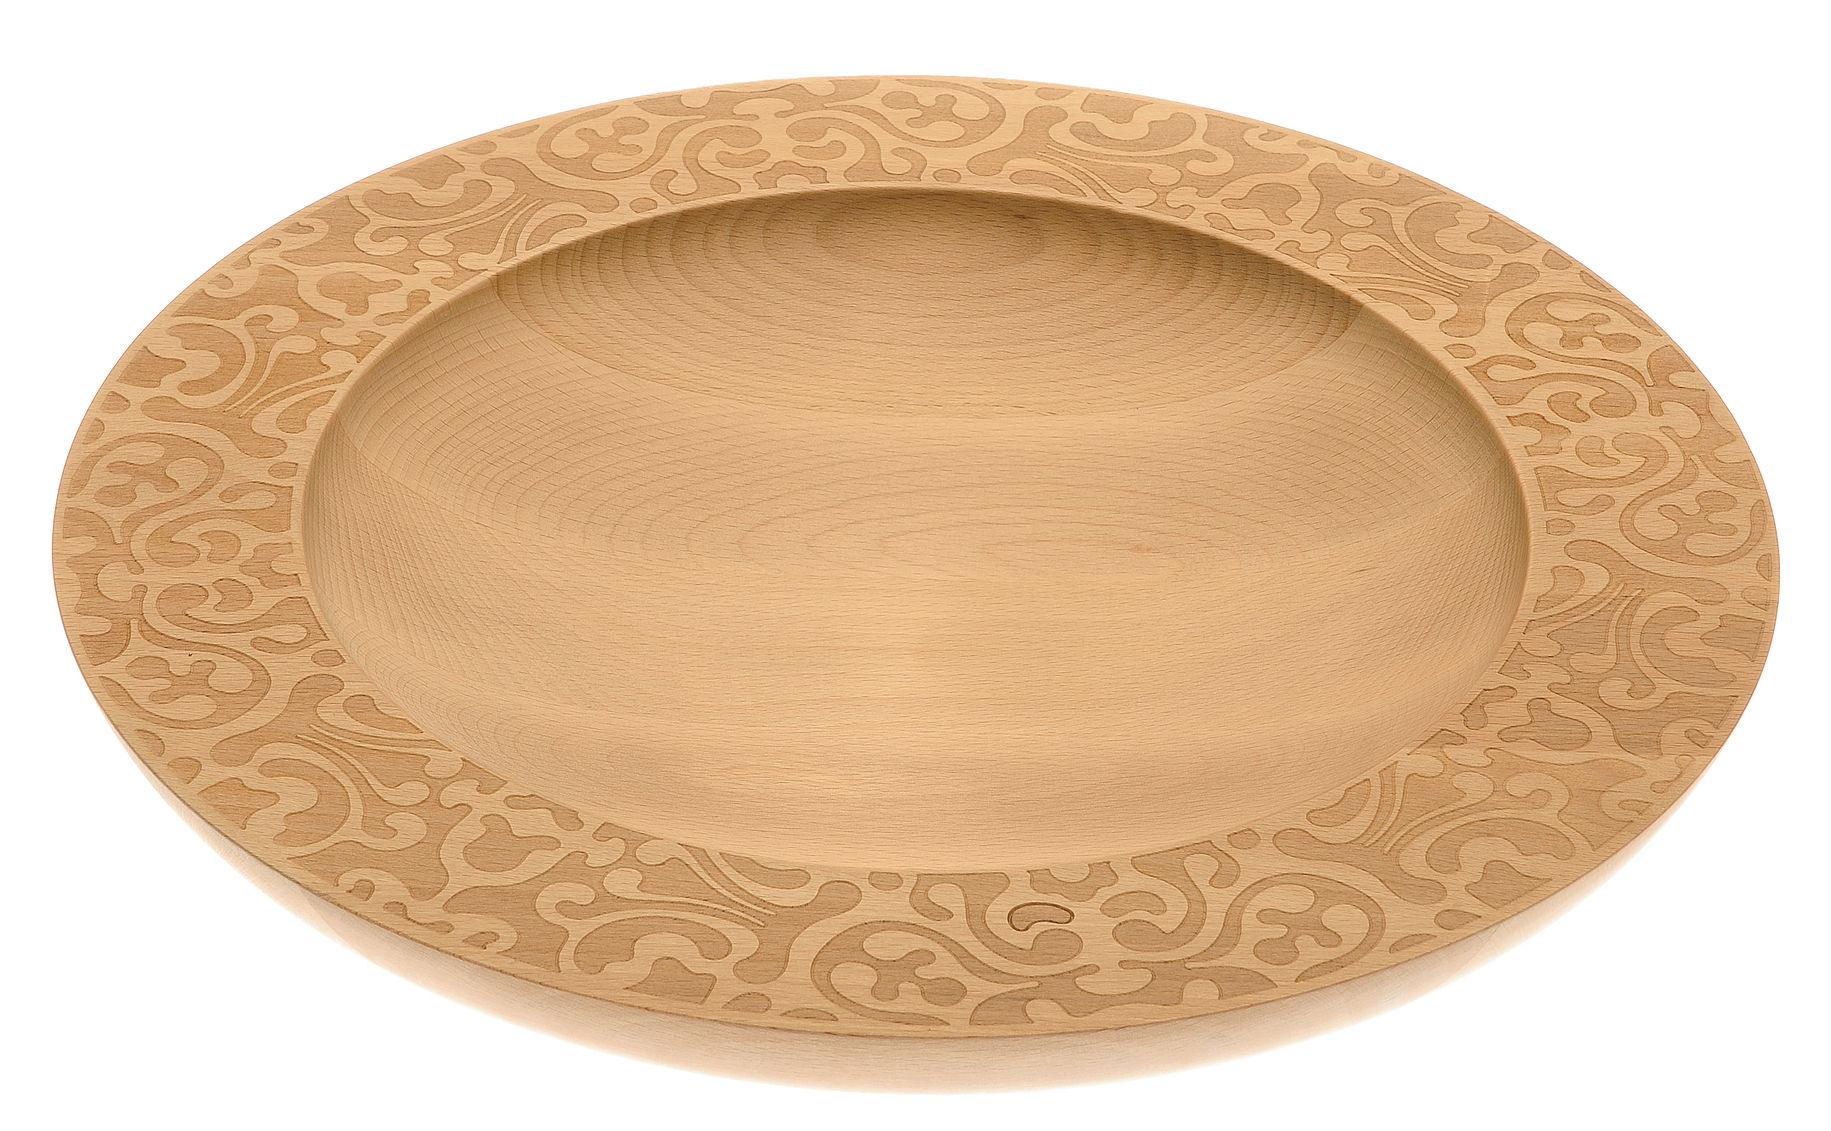 Tischkultur - Körbe, Fruchtkörbe und Tischgestecke - Dressed in Wood Tischgesteck / Ø 39 cm - Alessi - Holz natur - Buchenfurnier